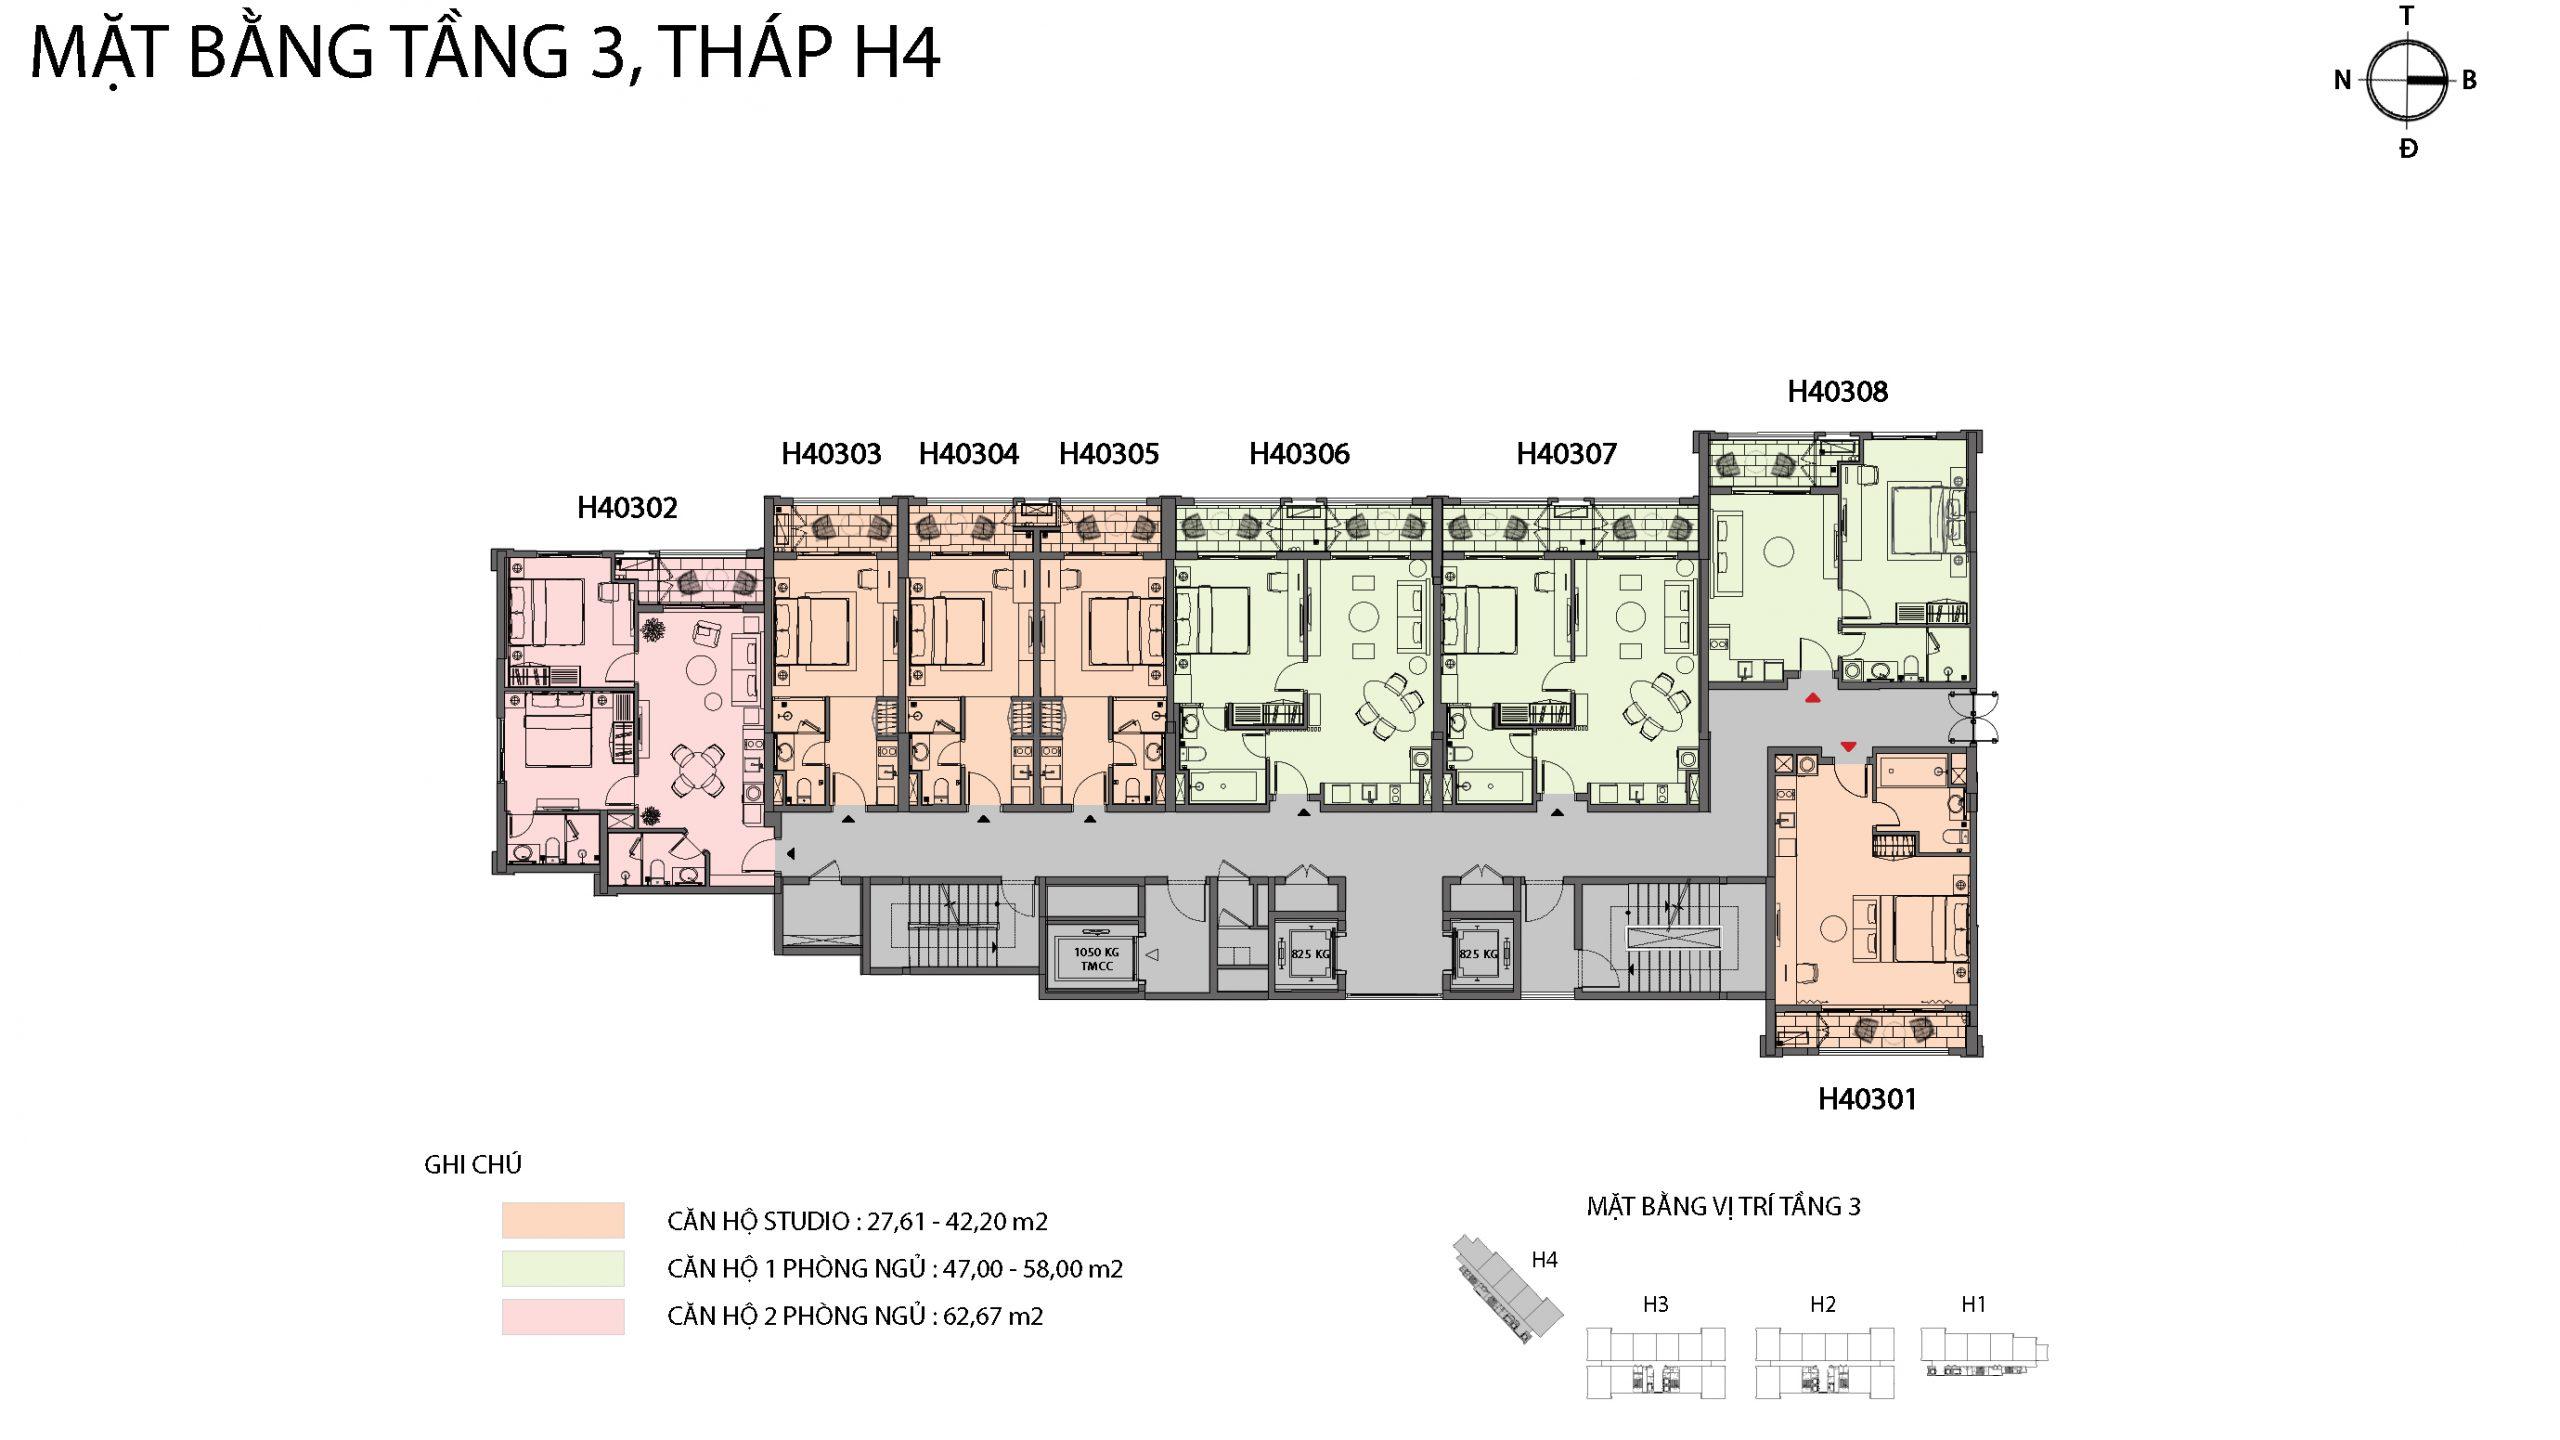 Mặt bằng chi tiết tòa căn hộ H4 - Sun Grand City Hillside Residence 1